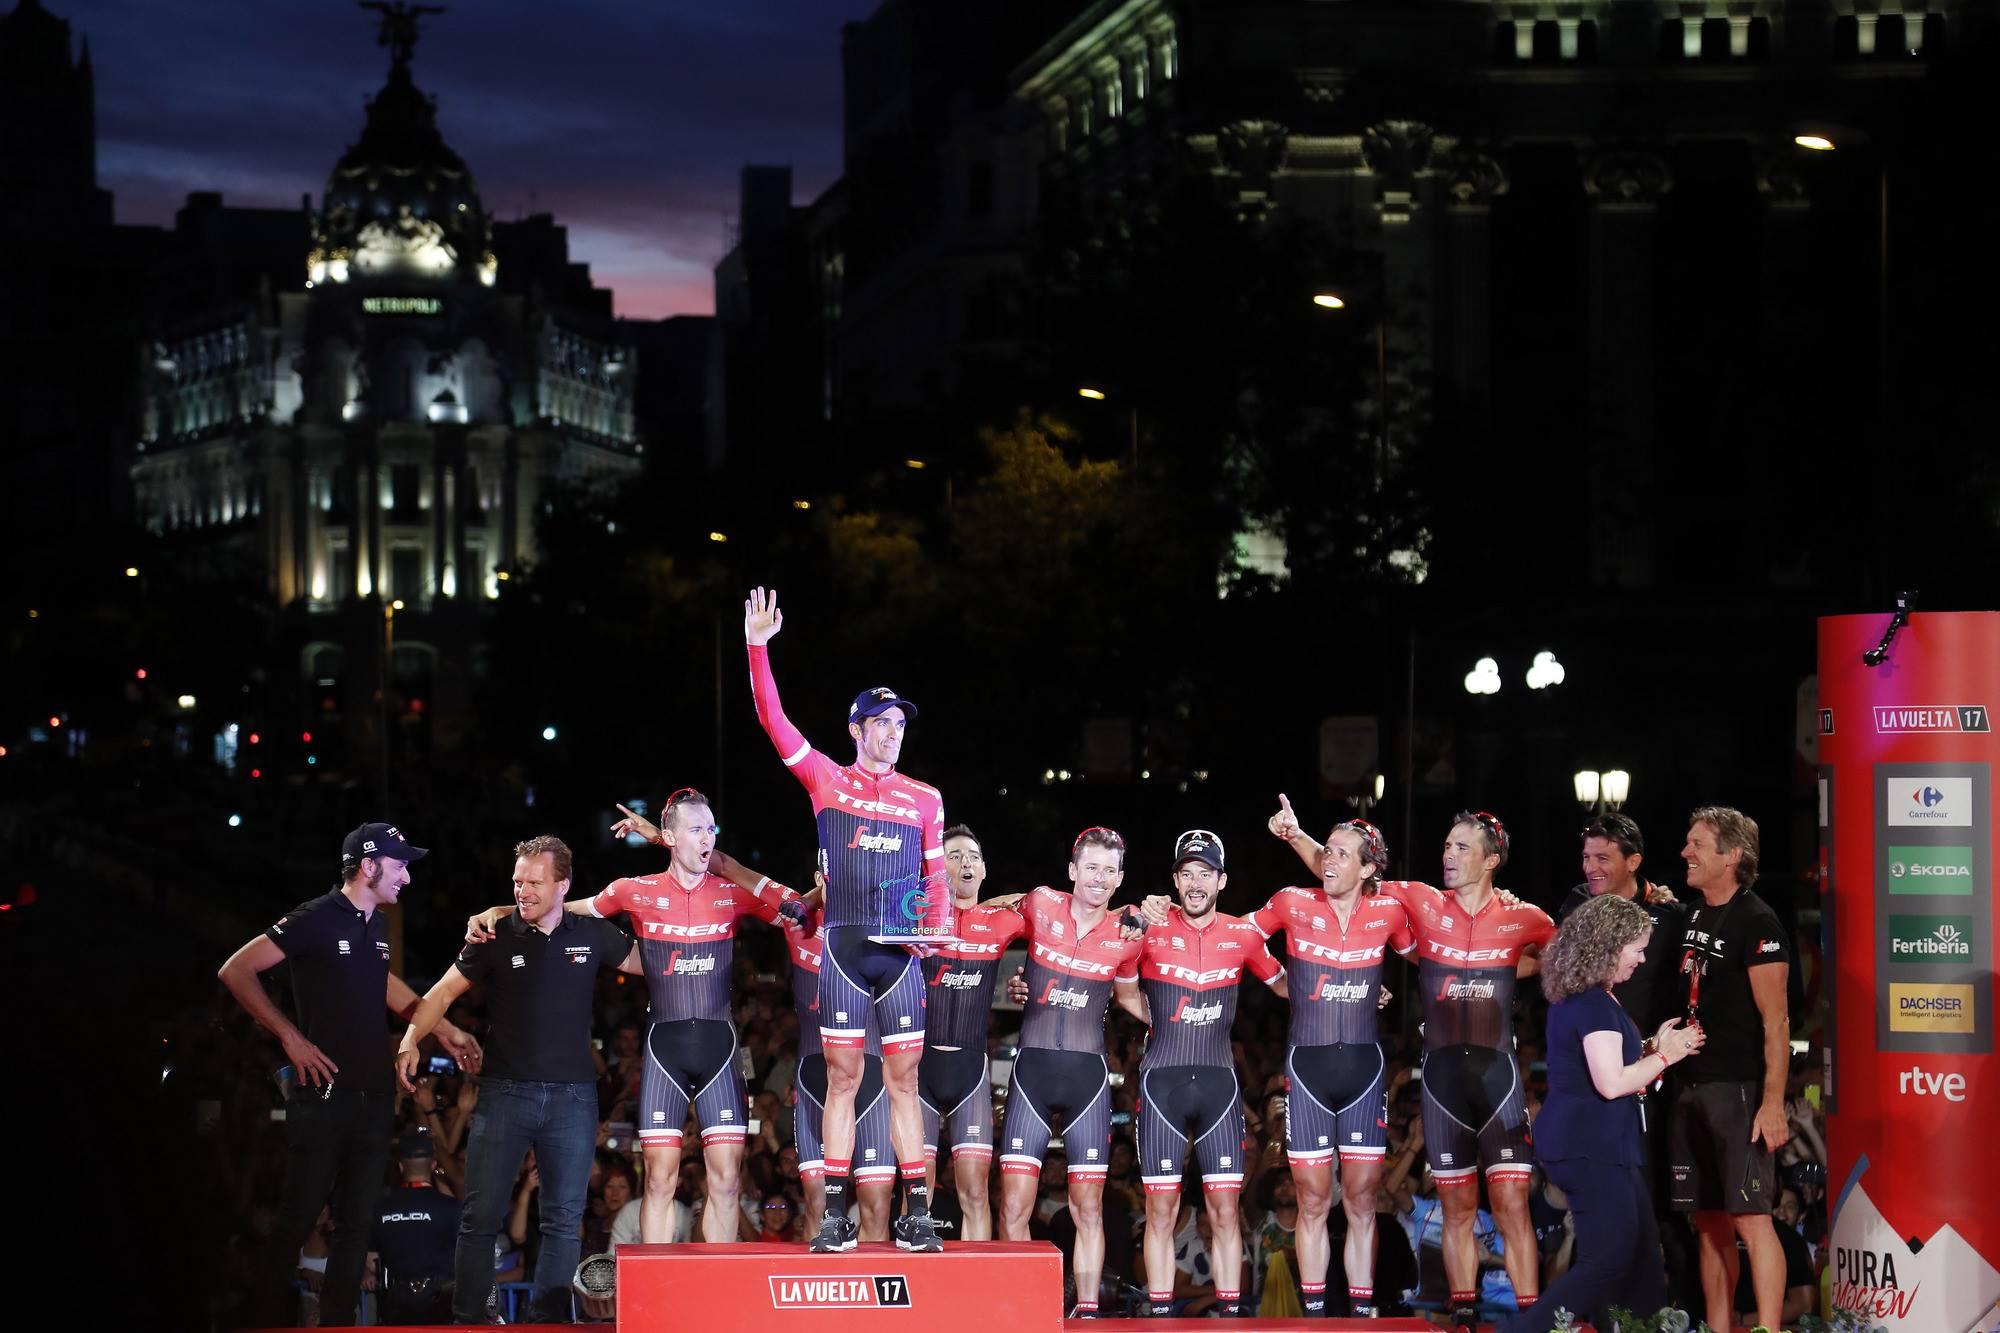 Retirada de Alberto Contador